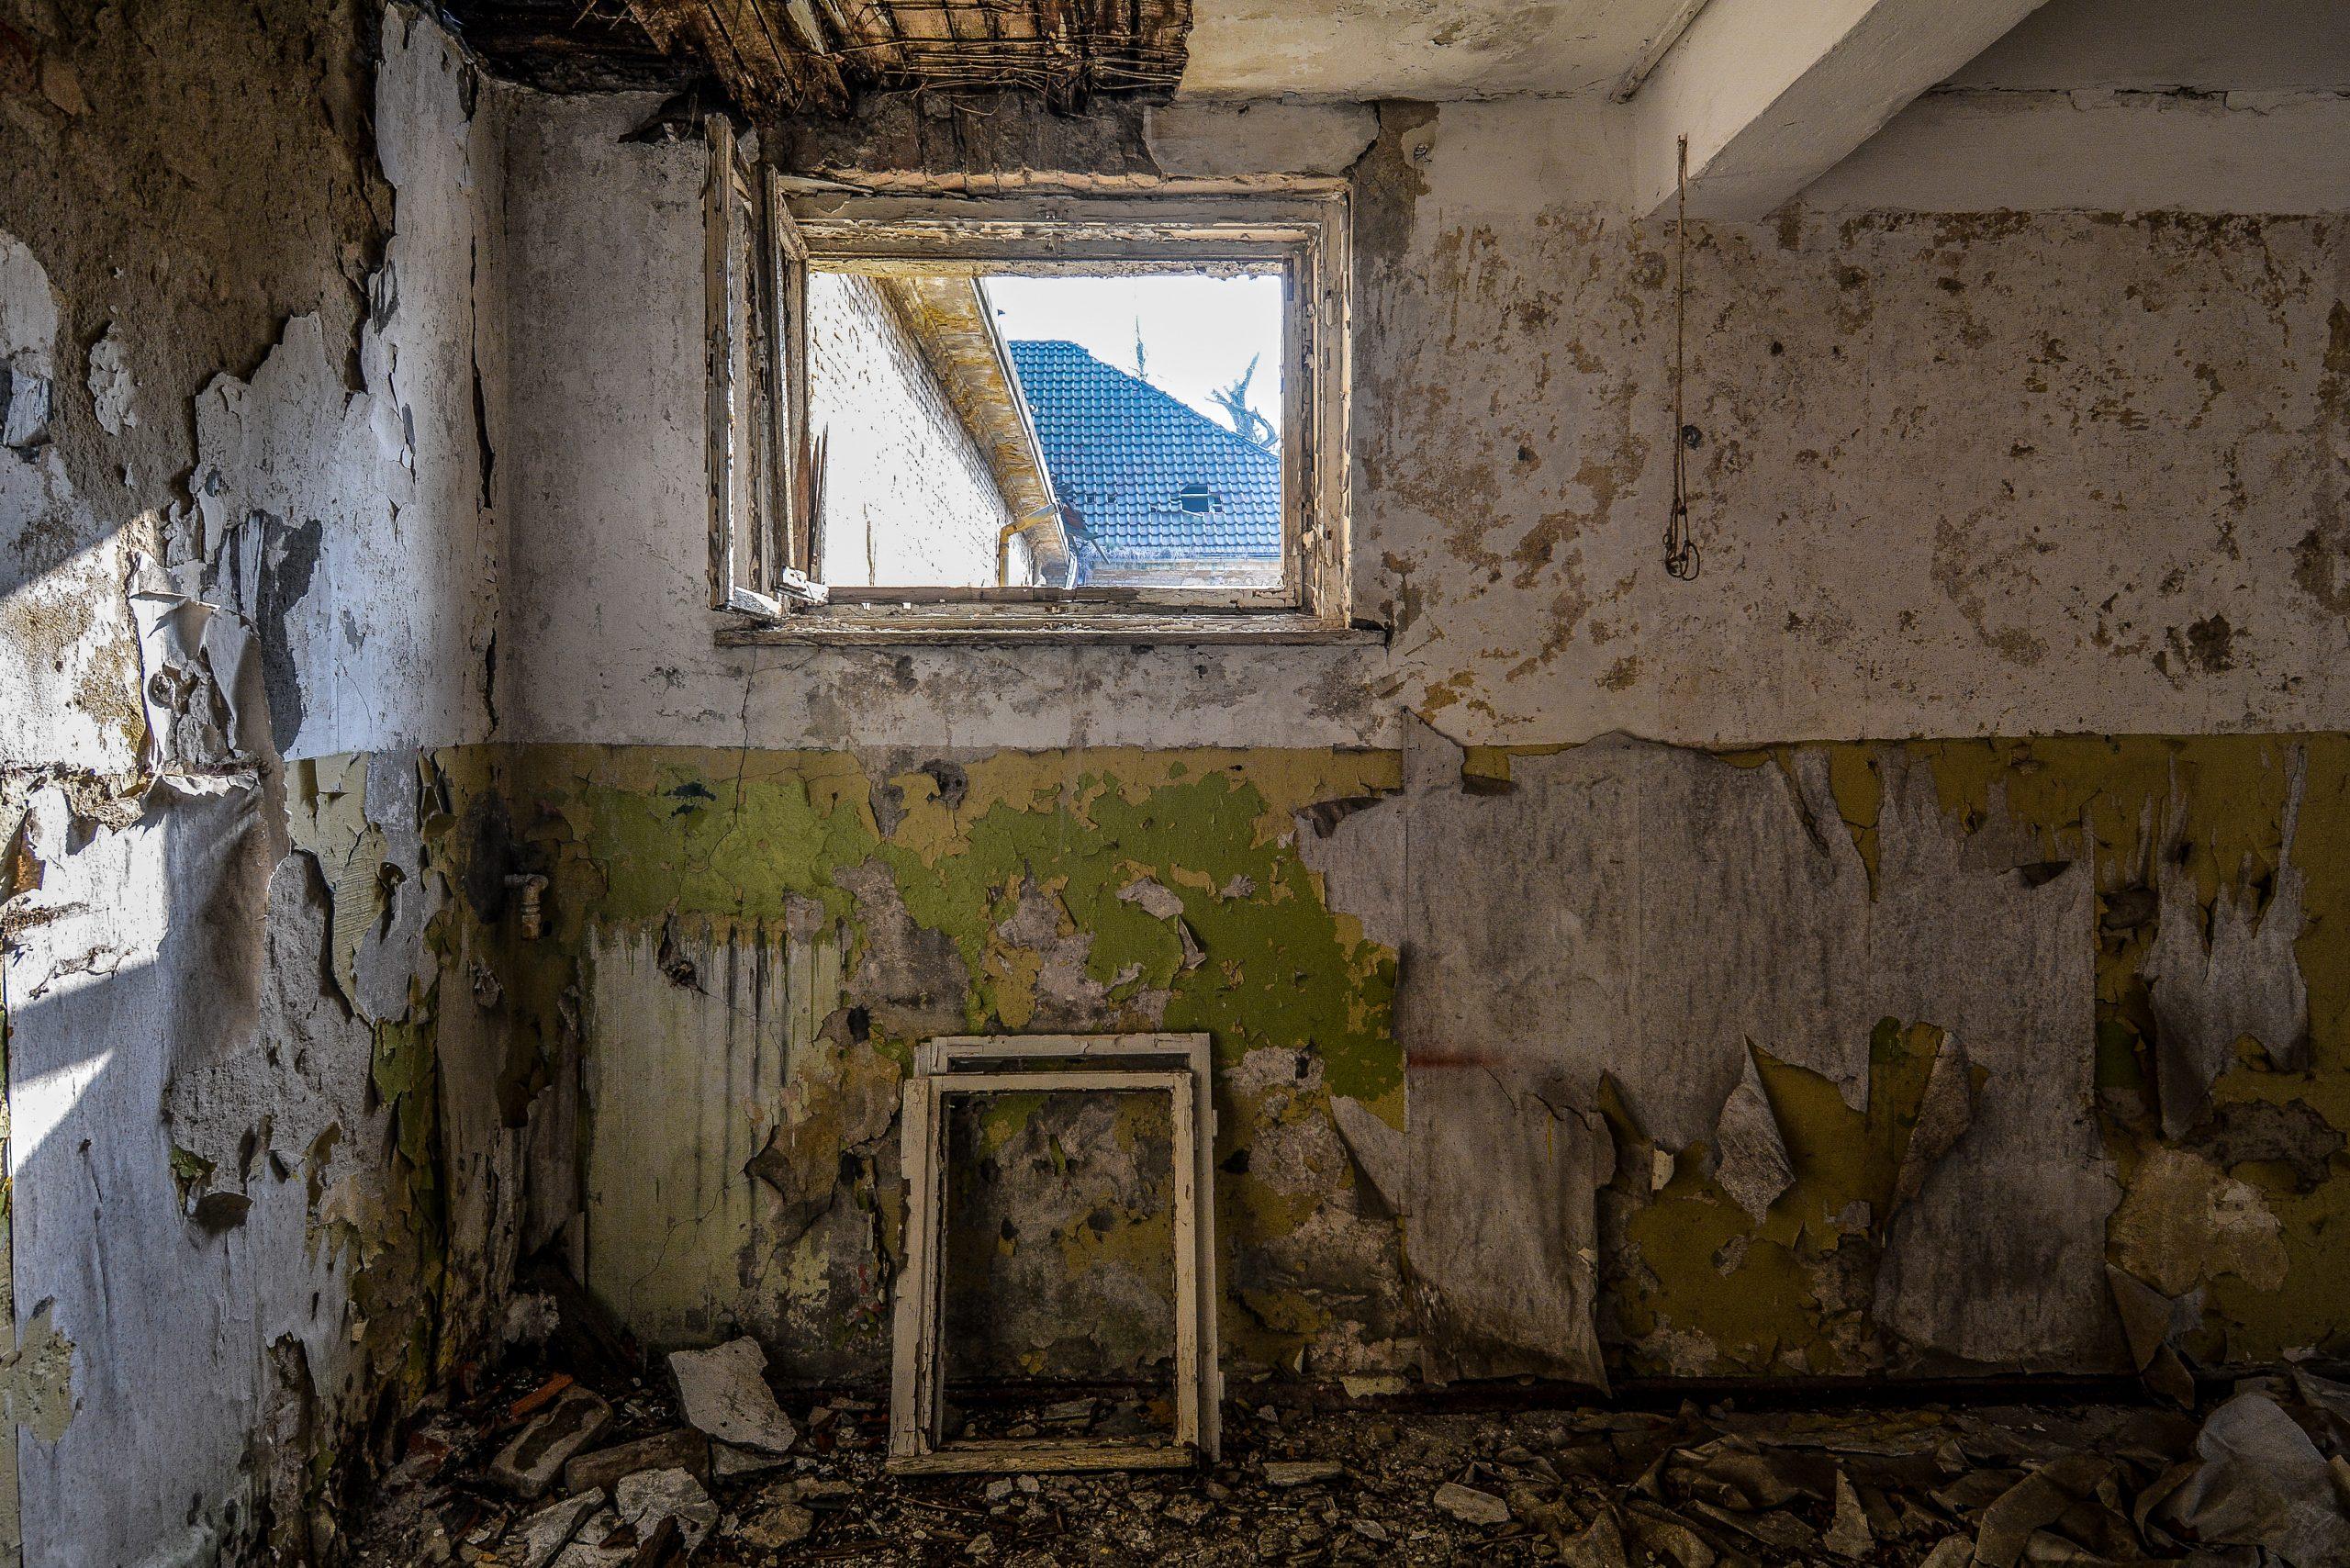 abandoned theather room forst zinna adolf hitler lager luckenwalde juterbog sowjet kaserne soviet military barracks germany lost places urbex abandoned